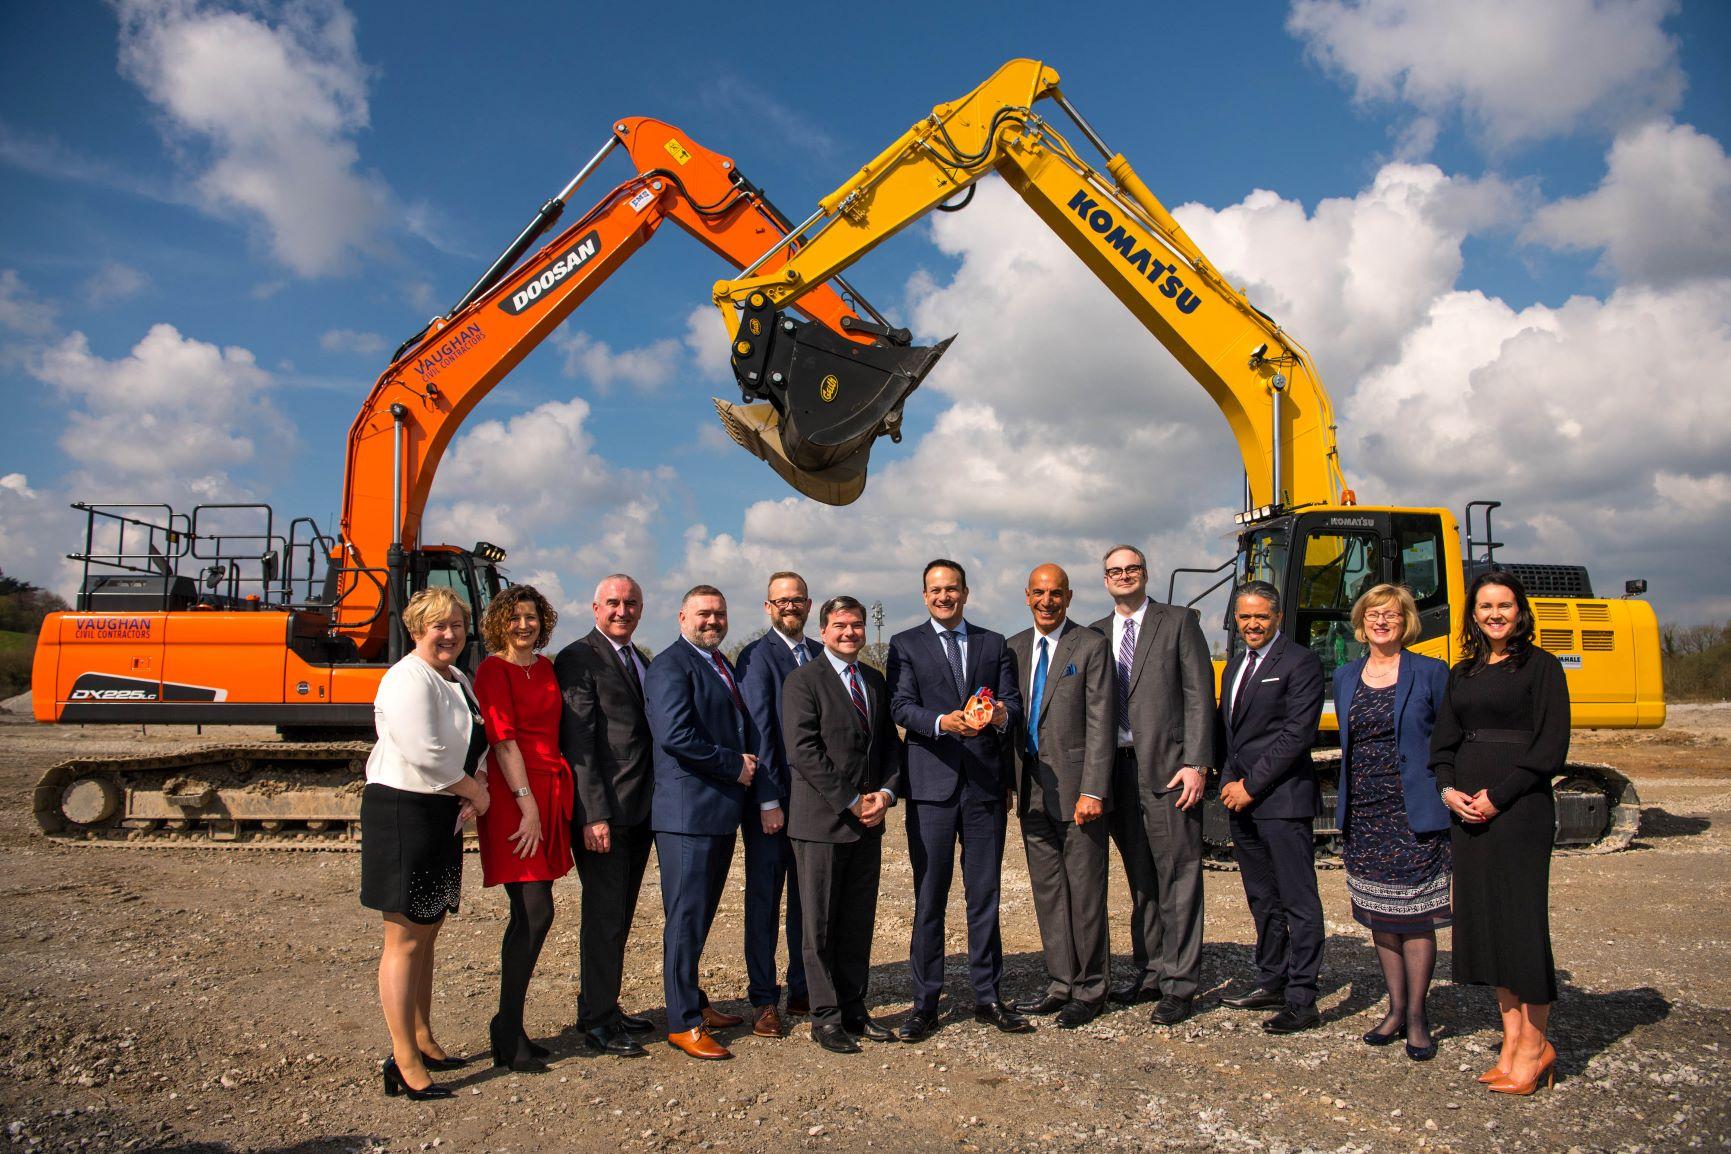 Edwards Lifesciences Corporation announces larger investment